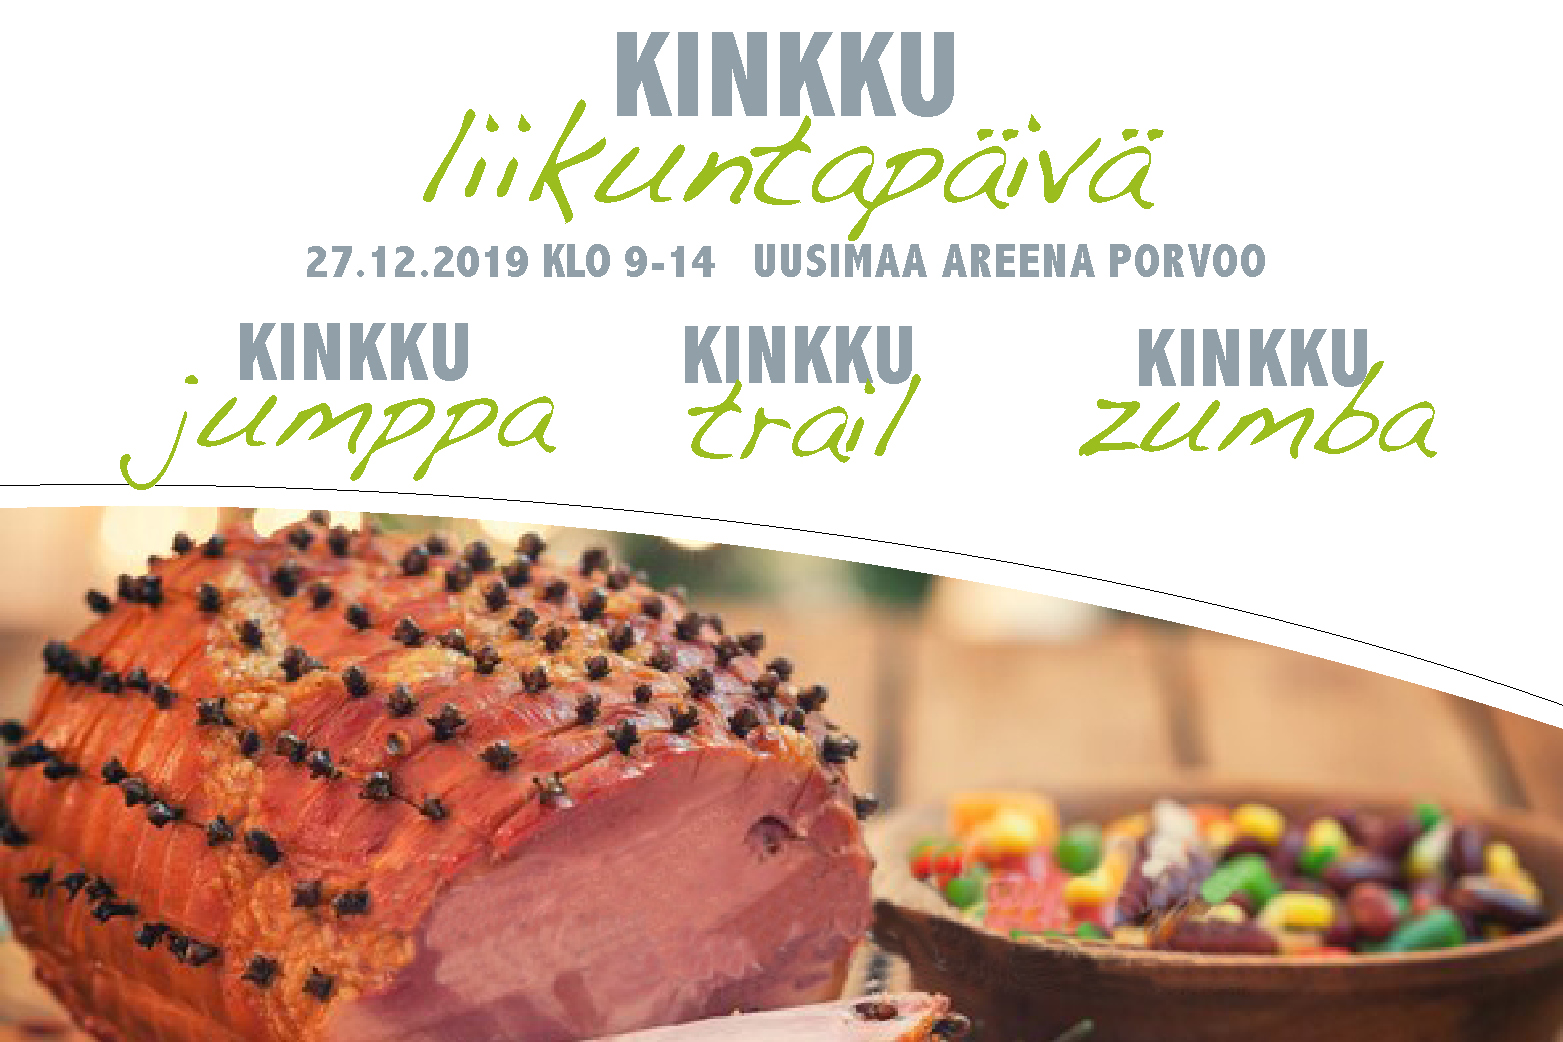 Kinkkutrail 27.12.2019 Uusimaa Areenalla